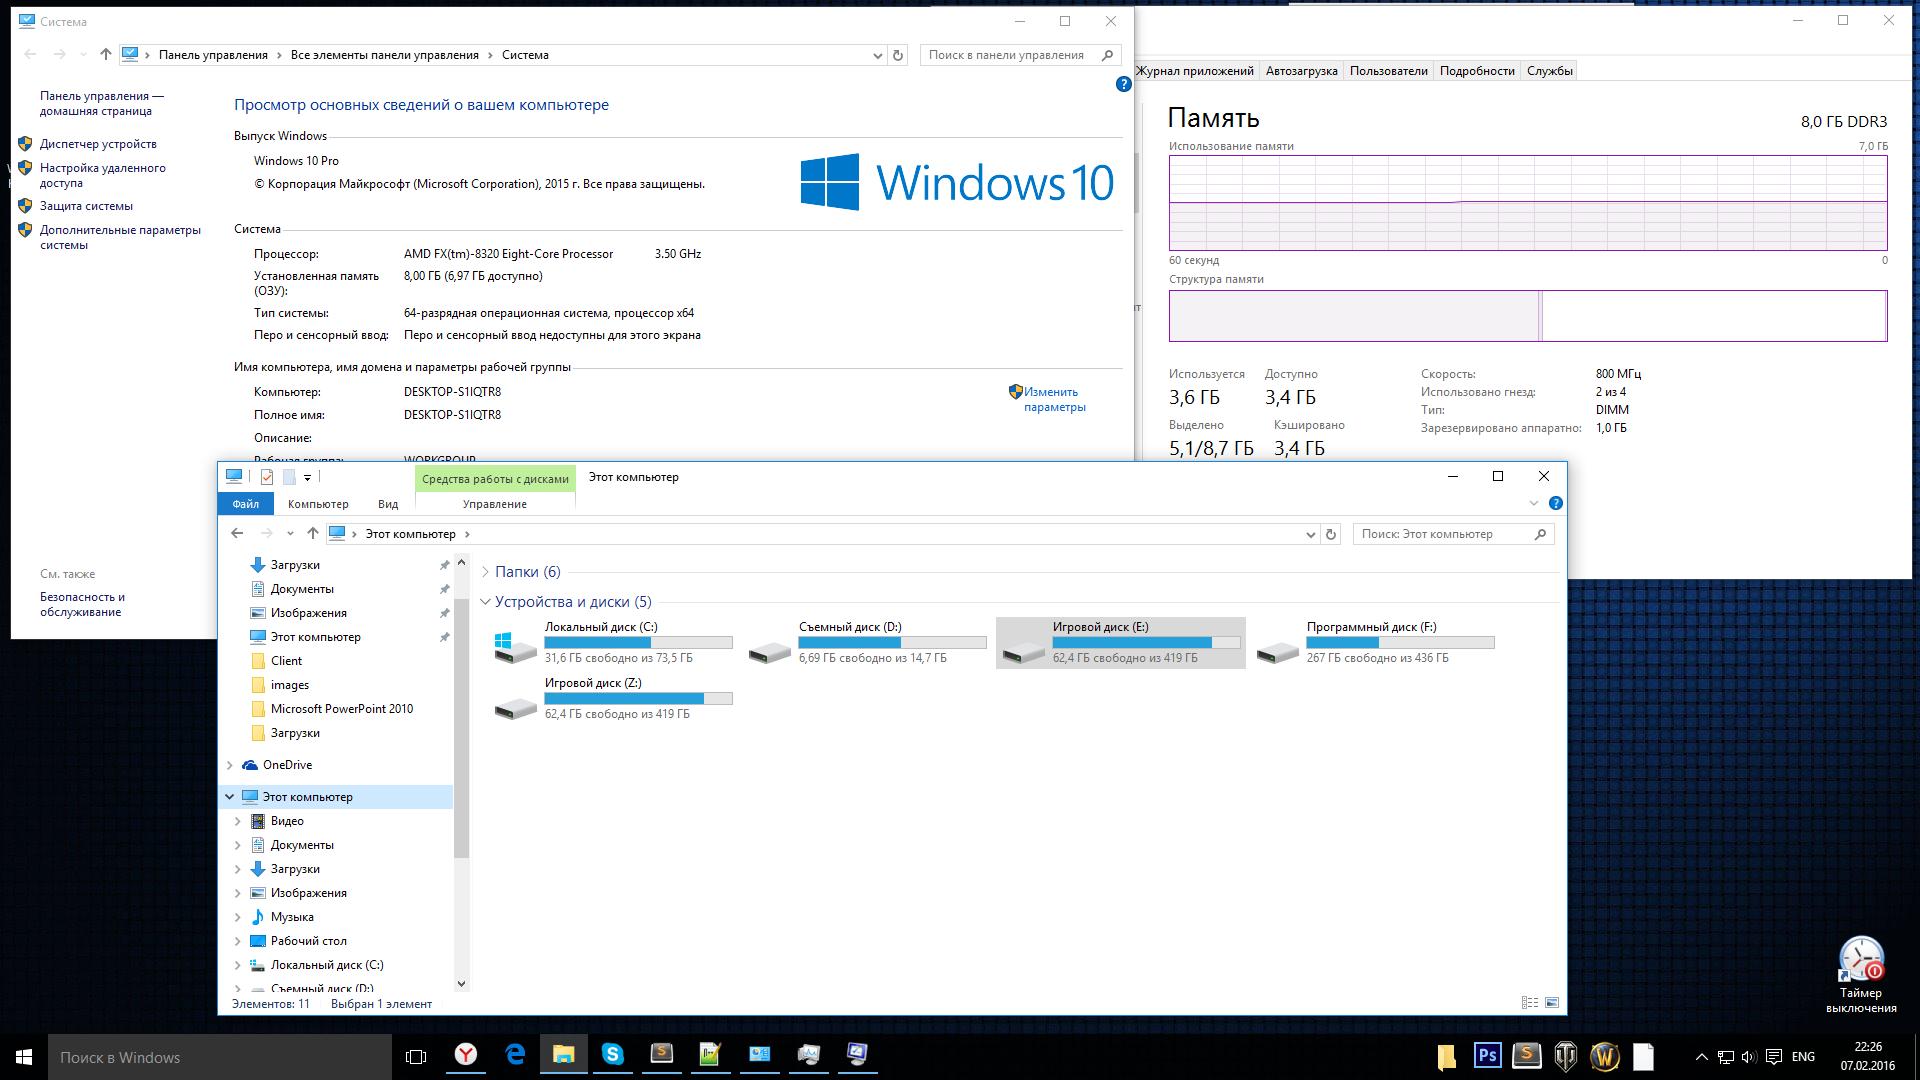 скачать бесплатно windows 10 64 bit